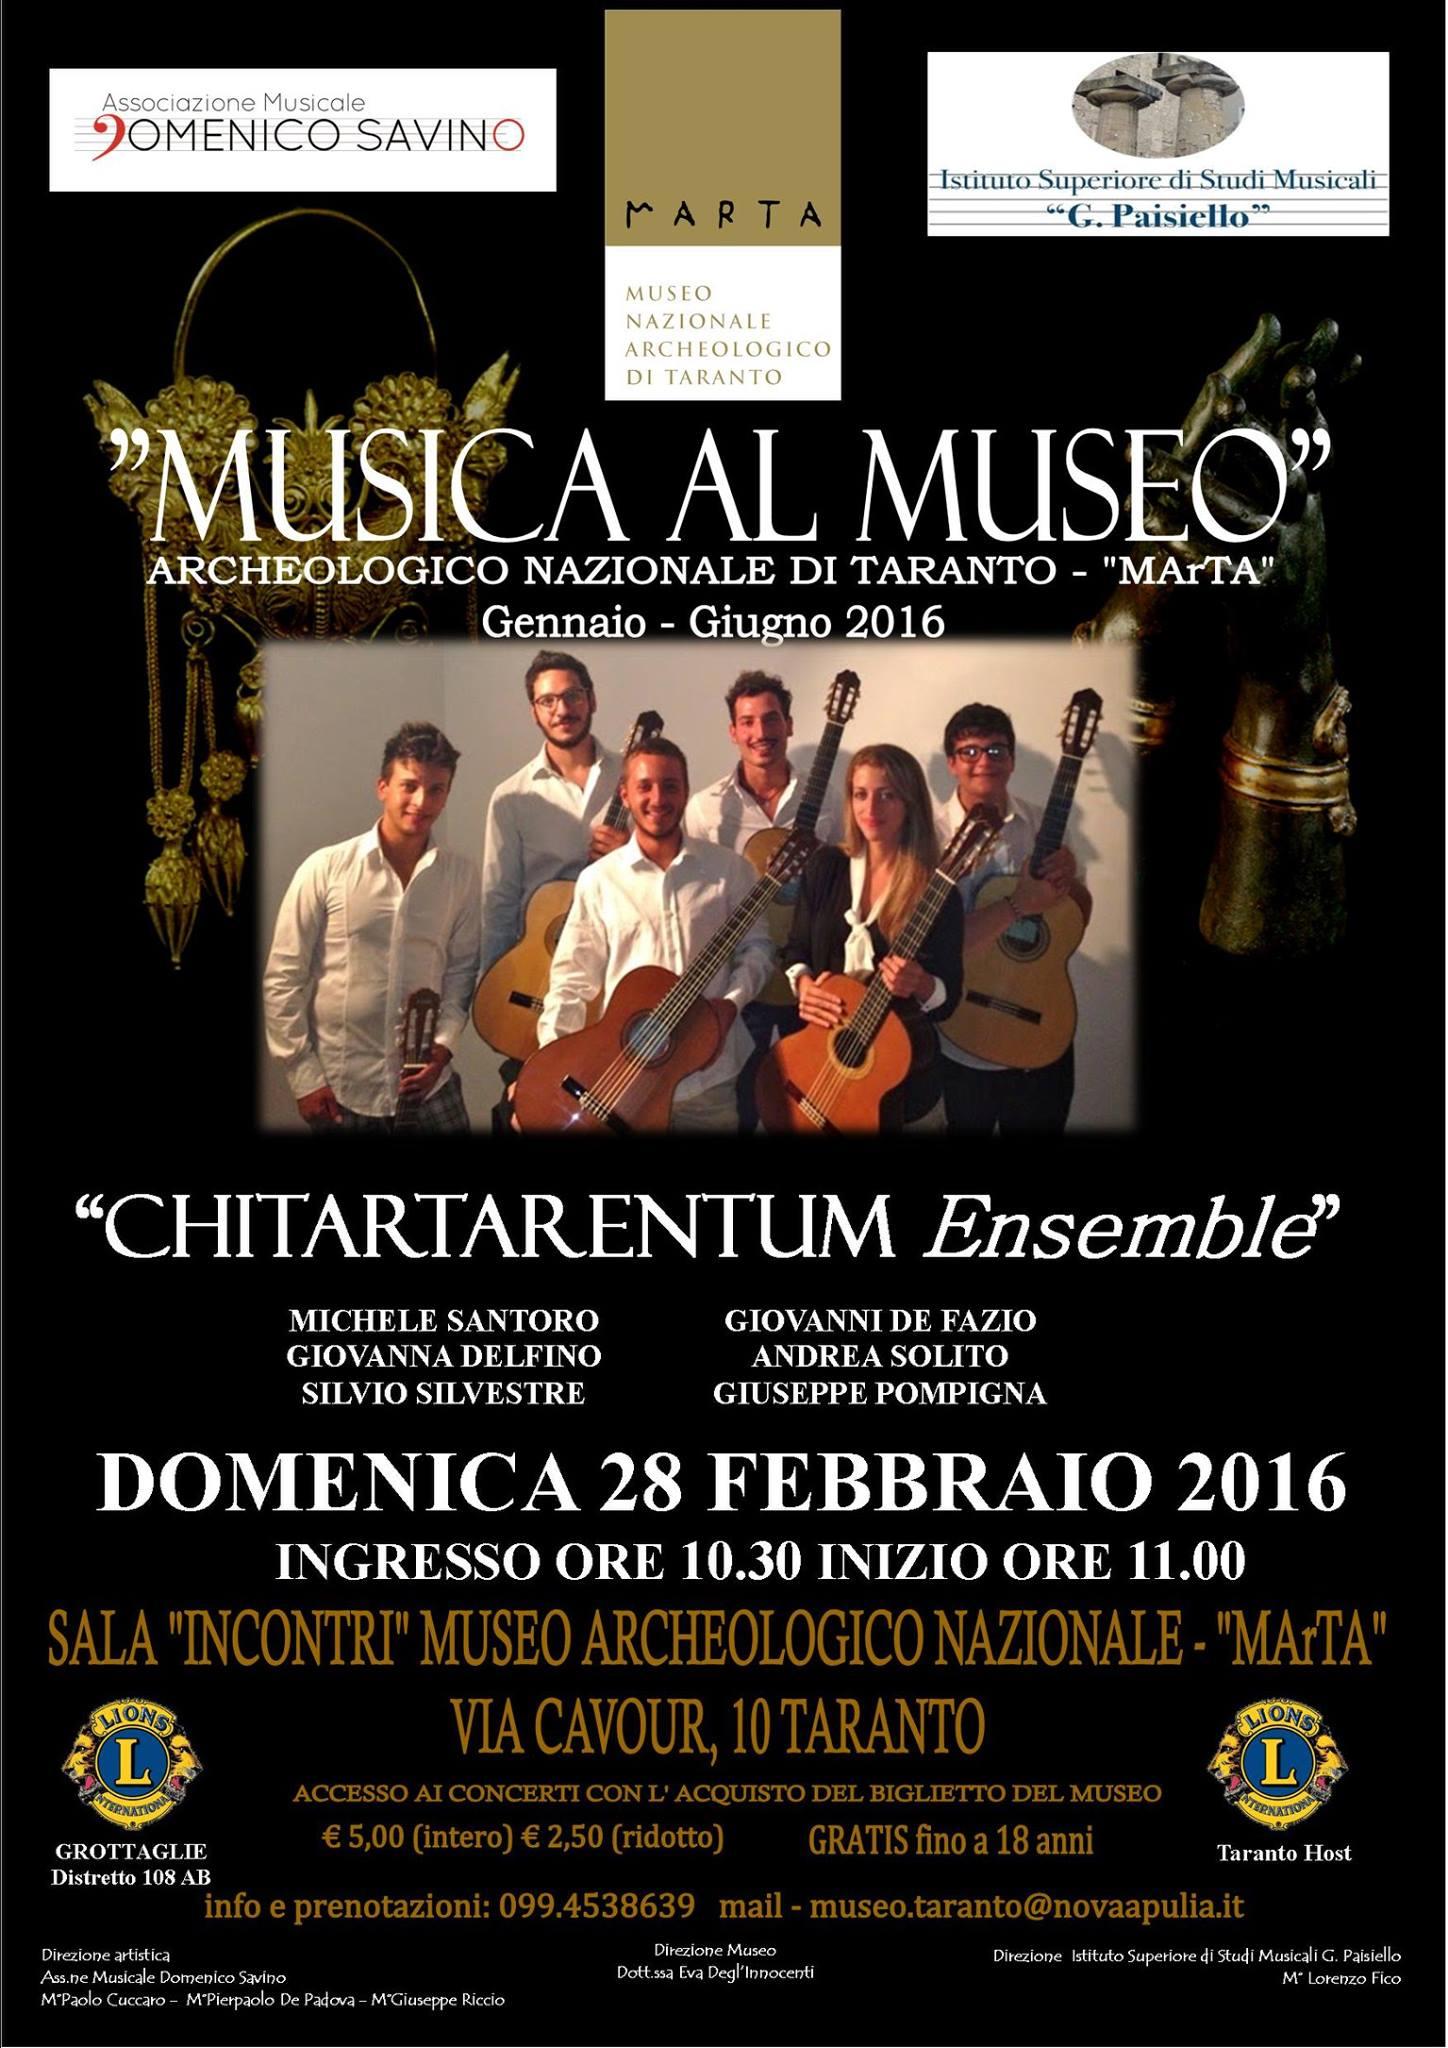 Musica al museo marta di taranto